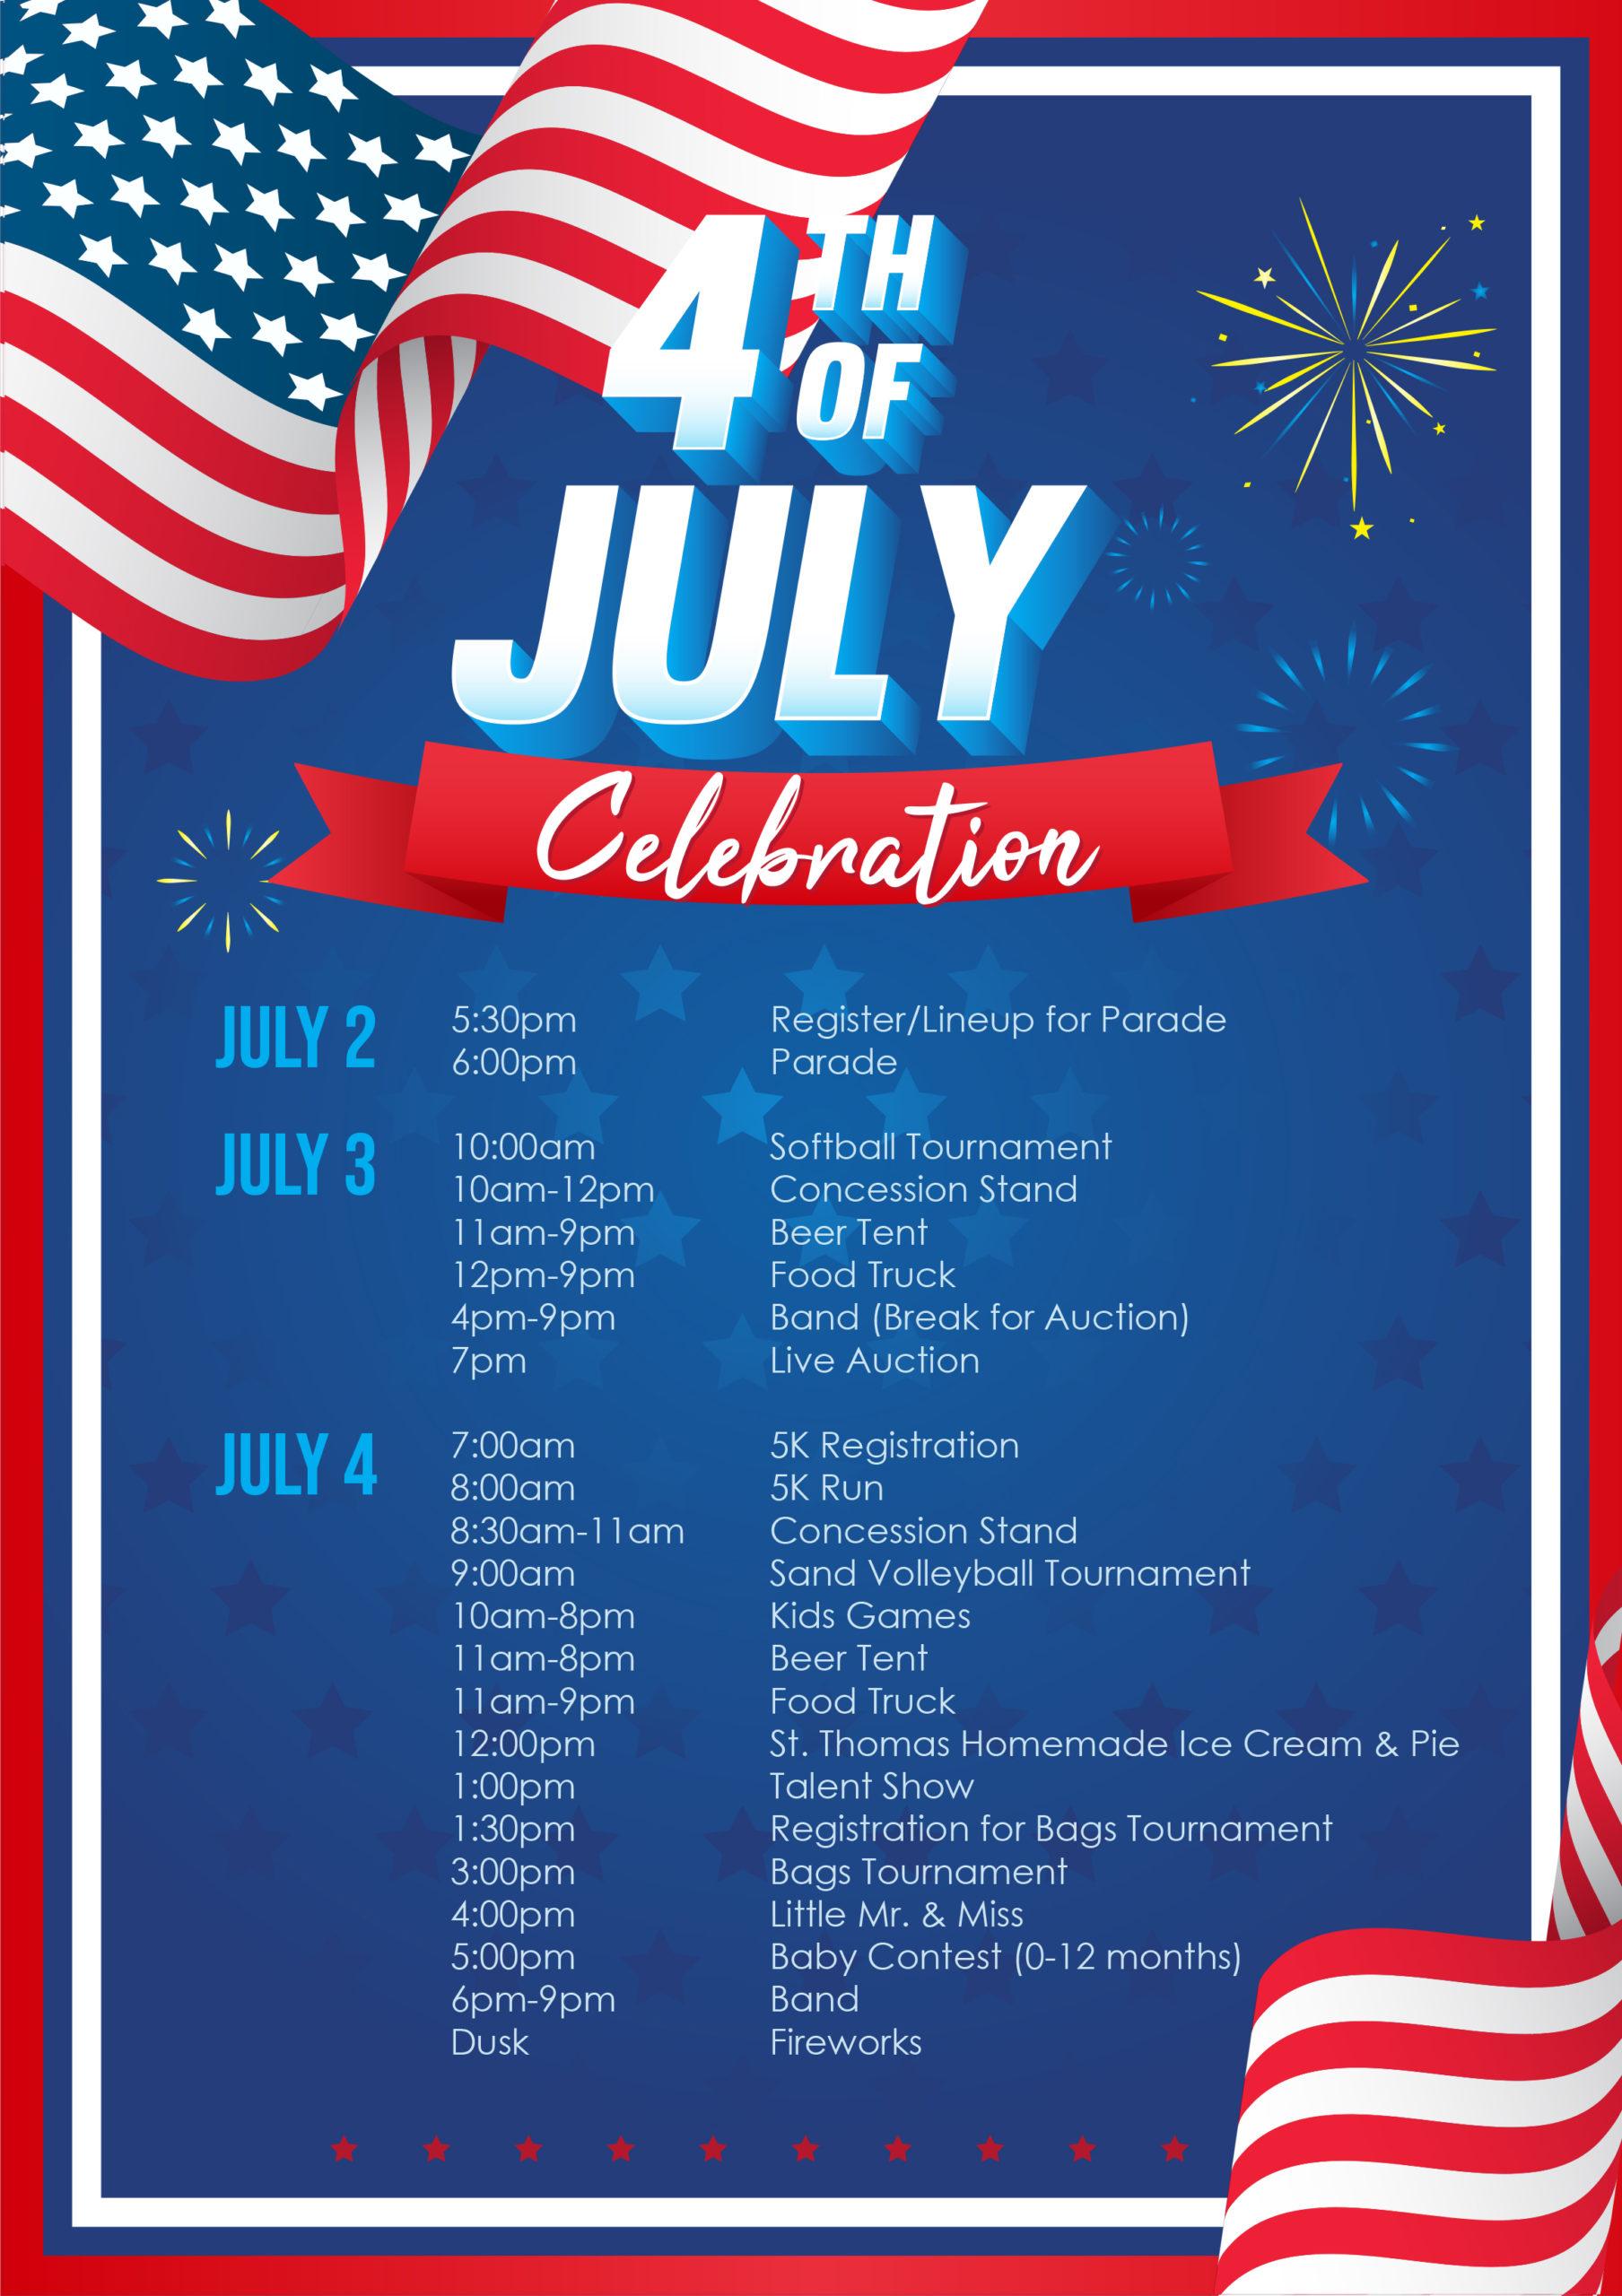 4th of July Celebration @ Bailey Park